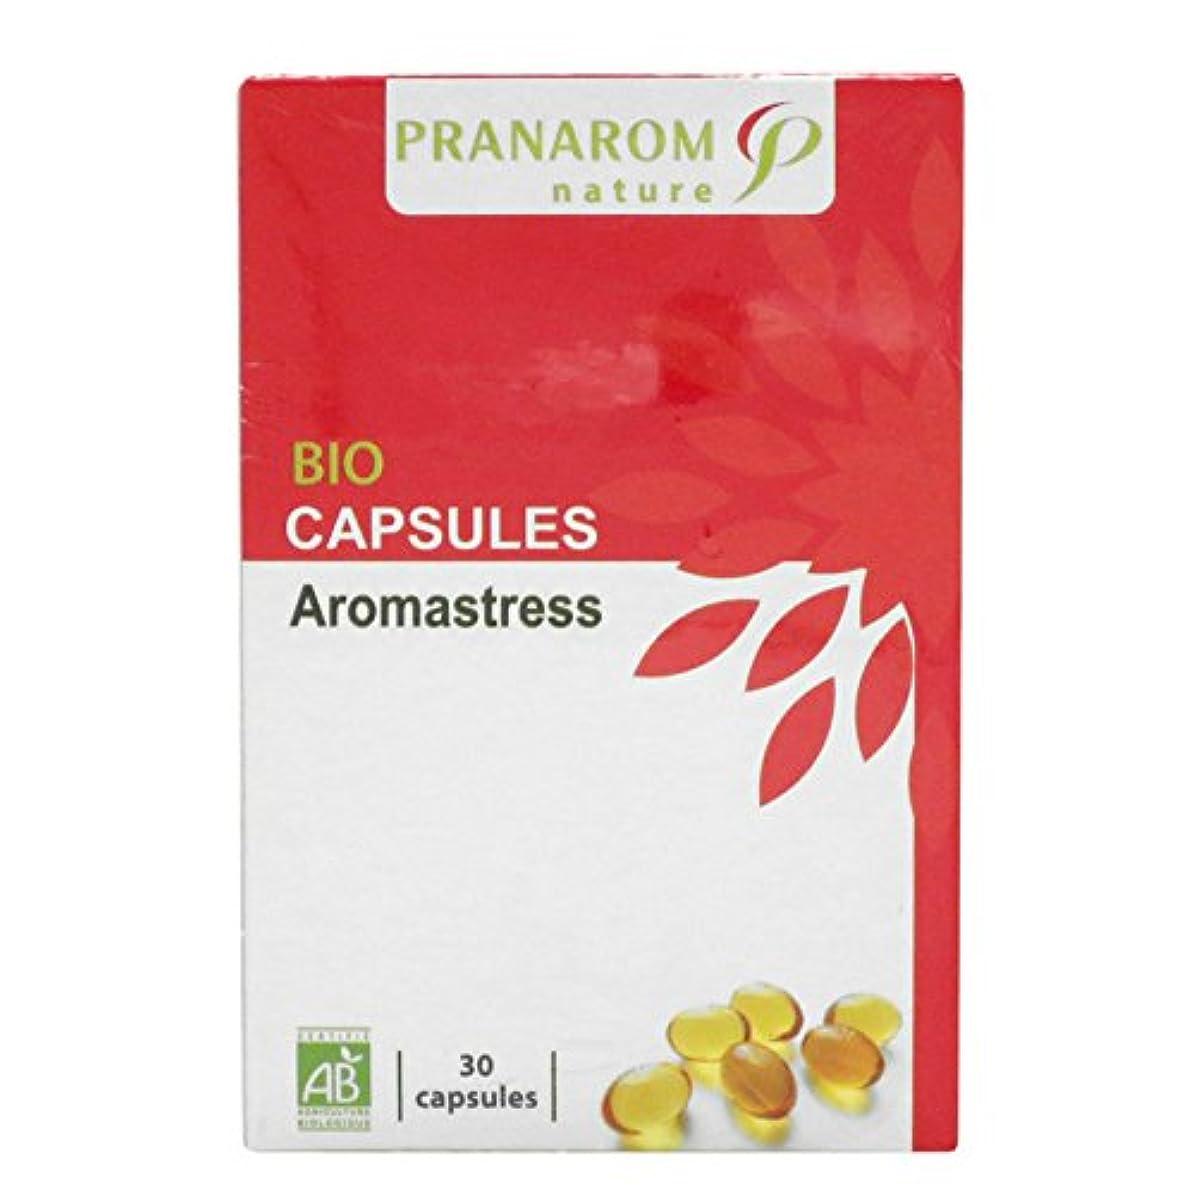 野心的材料アセプラナロム アロマストレスカプセル 30粒 (PRANAROM サプリメント)